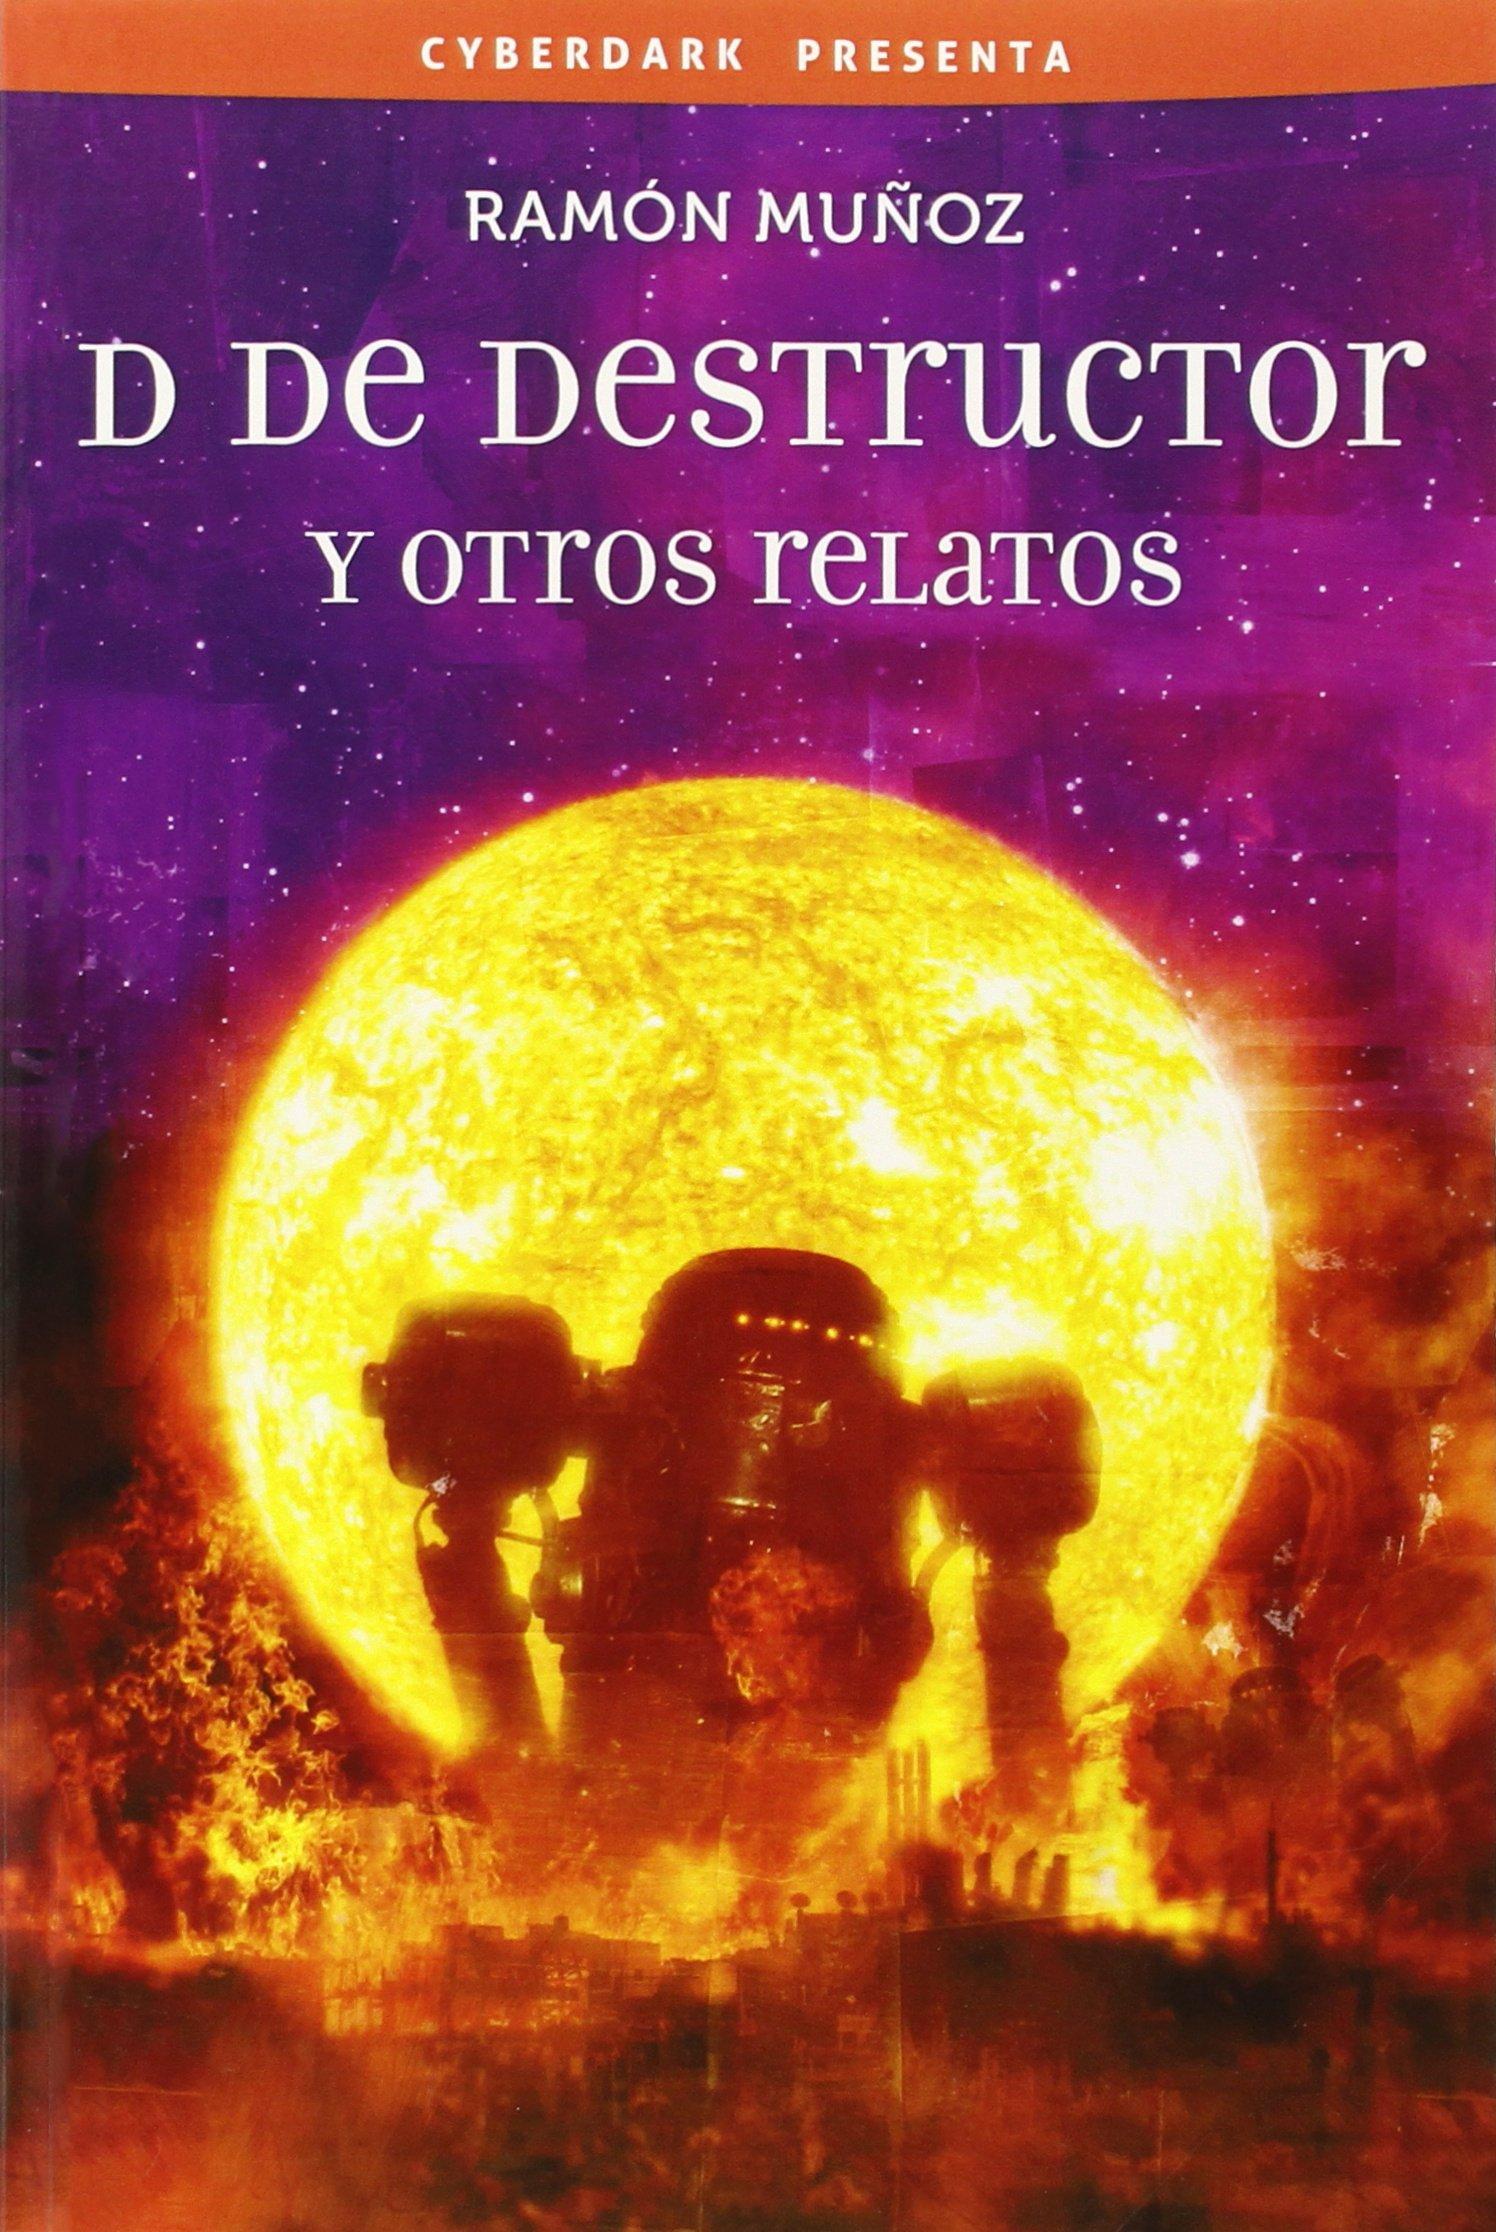 D De Destructor Y Otros Relatos (Cyberdark): Amazon.es: Ramón Muñoz Carreño: Libros